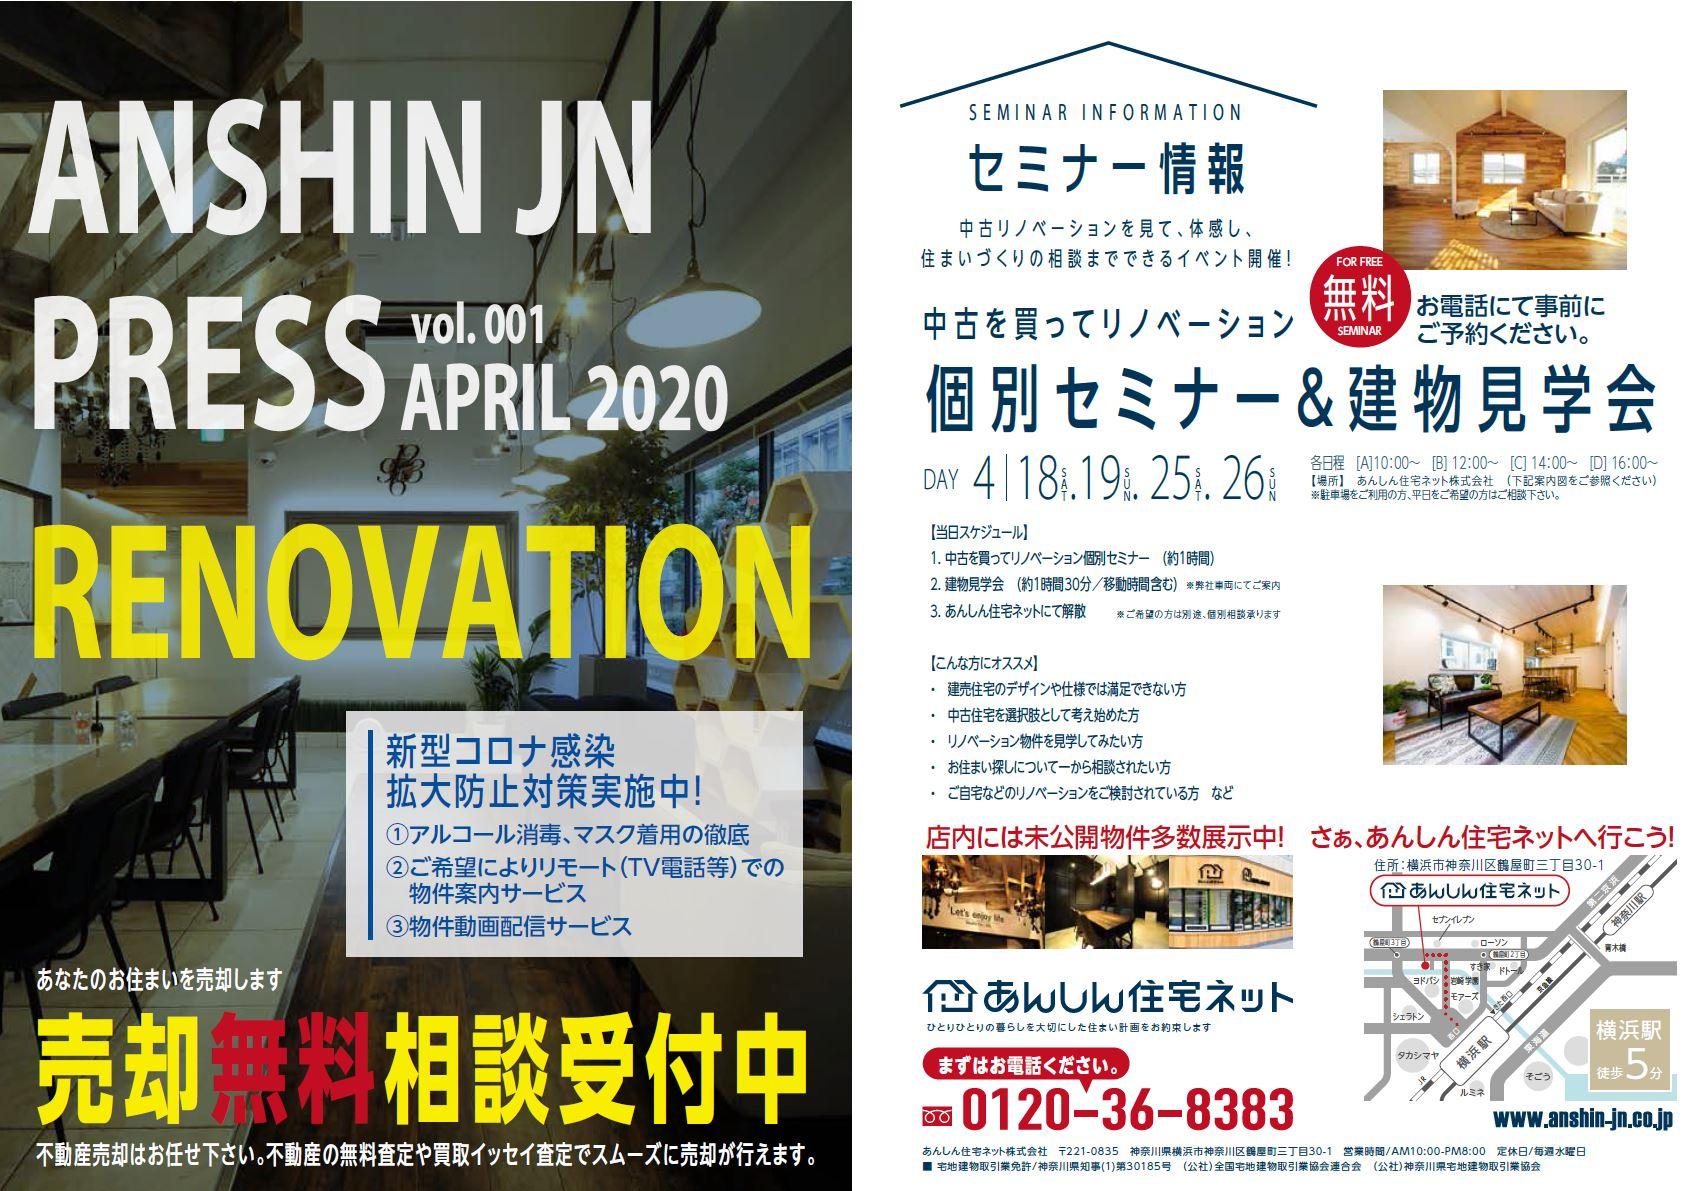 【無料・1日4回開催】個別セミナー&建物見学会 4/18(土)10時~